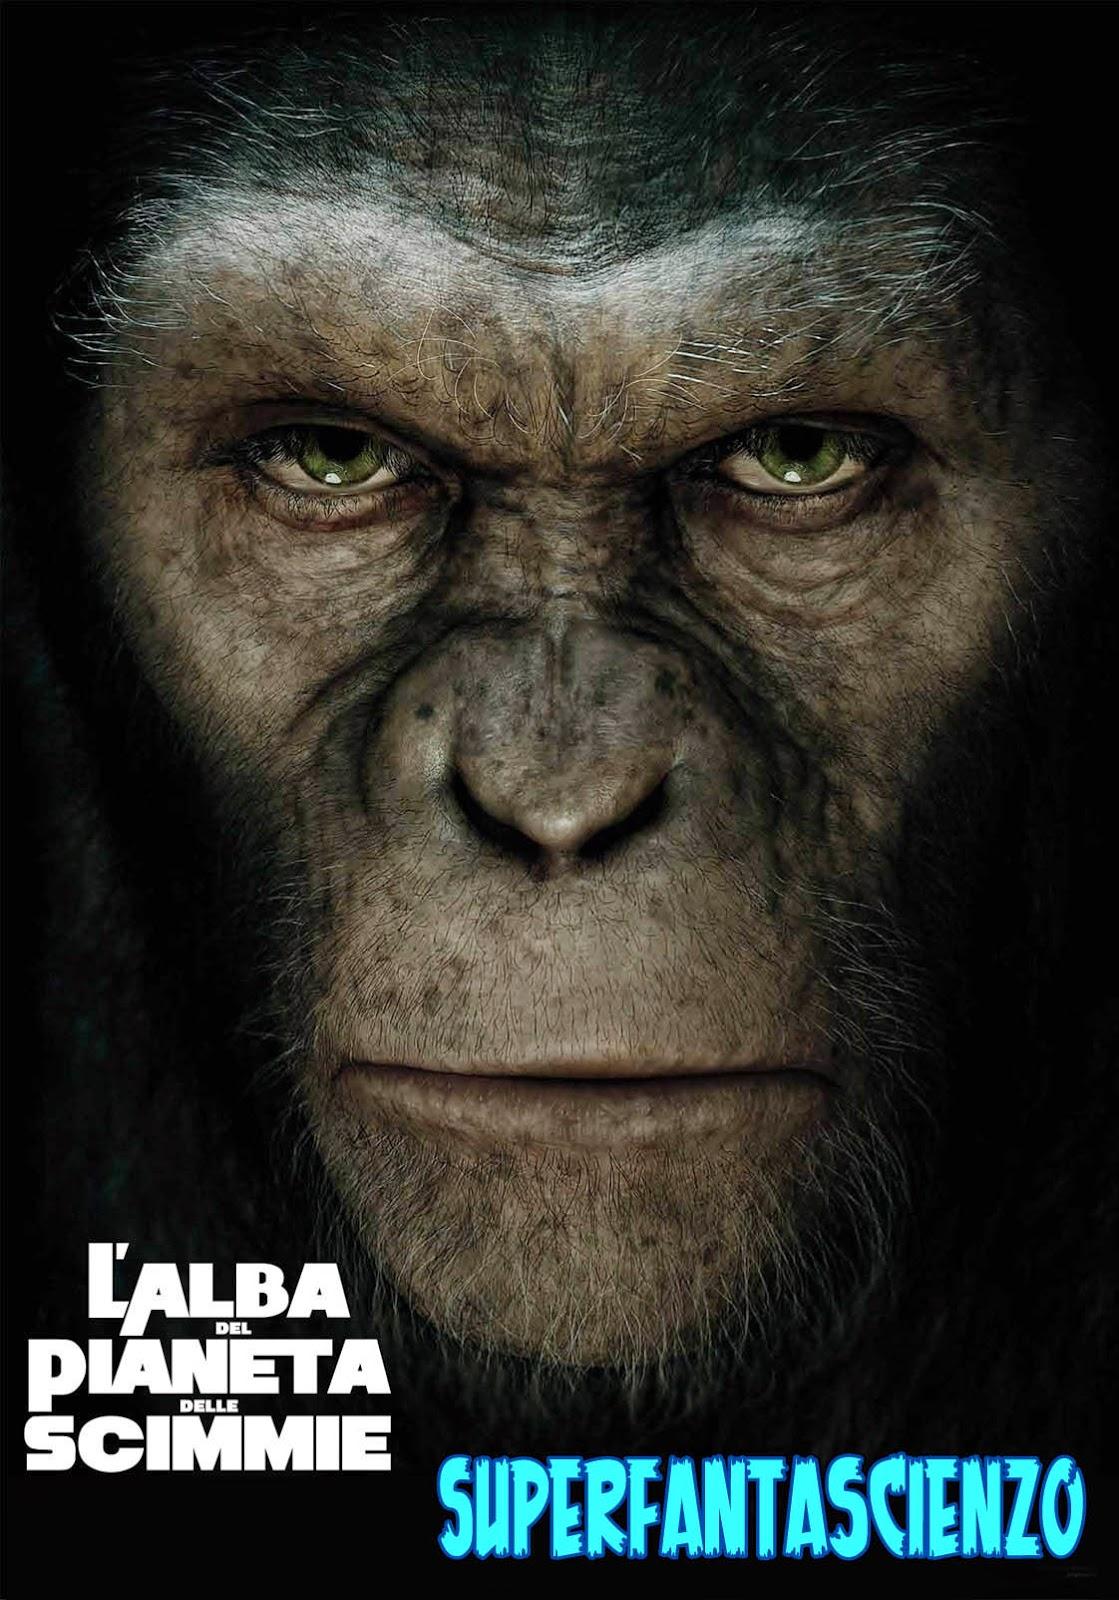 L'alba del pianeta delle scimmie recensione